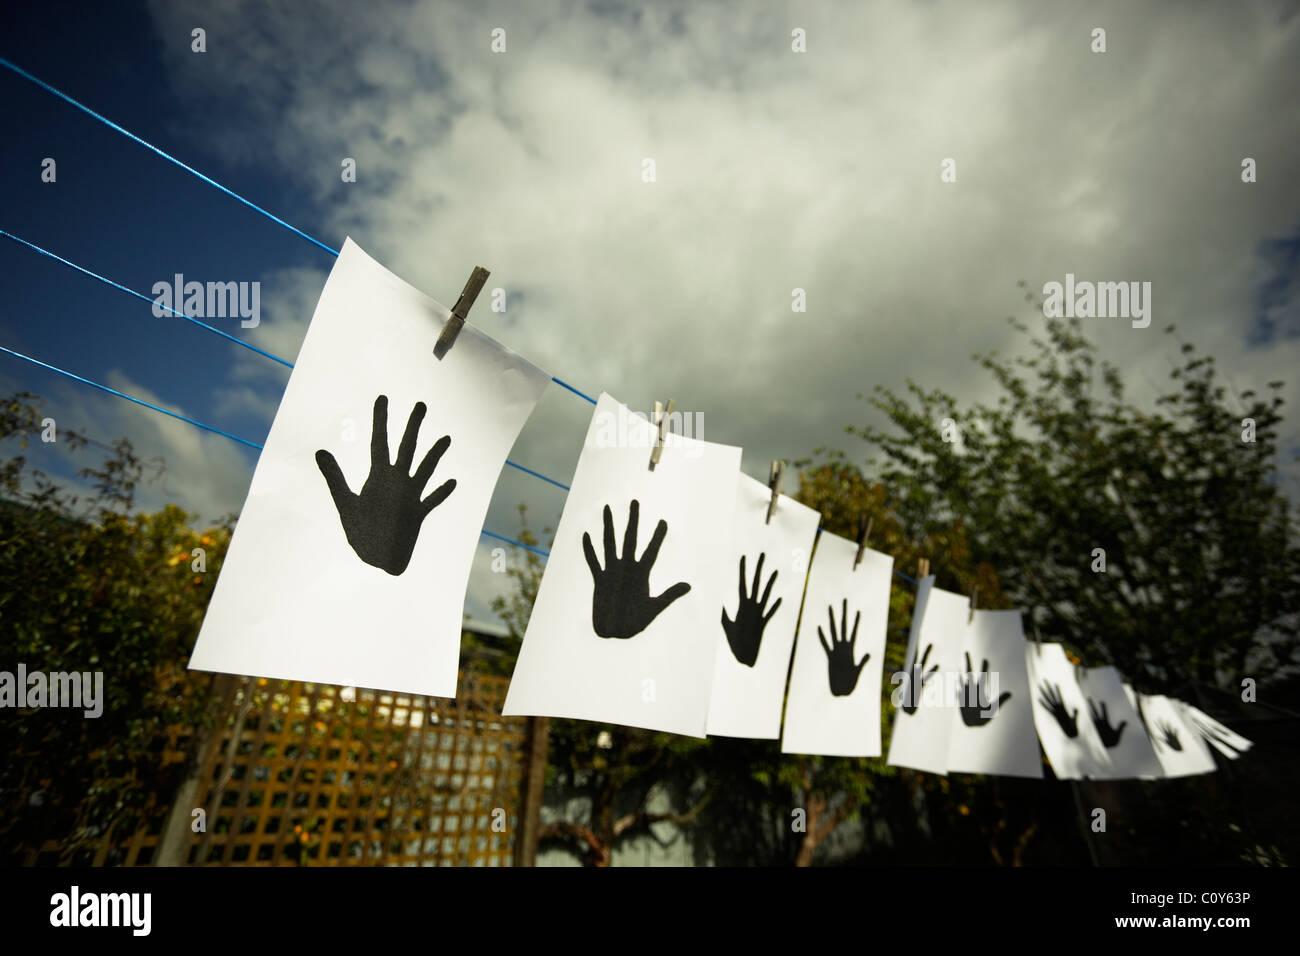 Hände auf die Wäscheleine. Stockbild